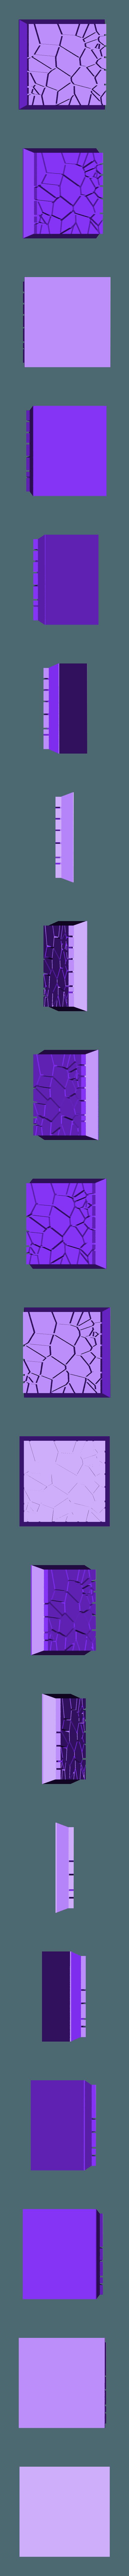 Cracked_Paving__20mm_square_4.stl Télécharger fichier STL gratuit Dallage fissuré / Bases carrées à effet de lave pour la saga Dungeon, Kingd of war, Warhammer fantasy battle etc • Objet imprimable en 3D, redstarkits